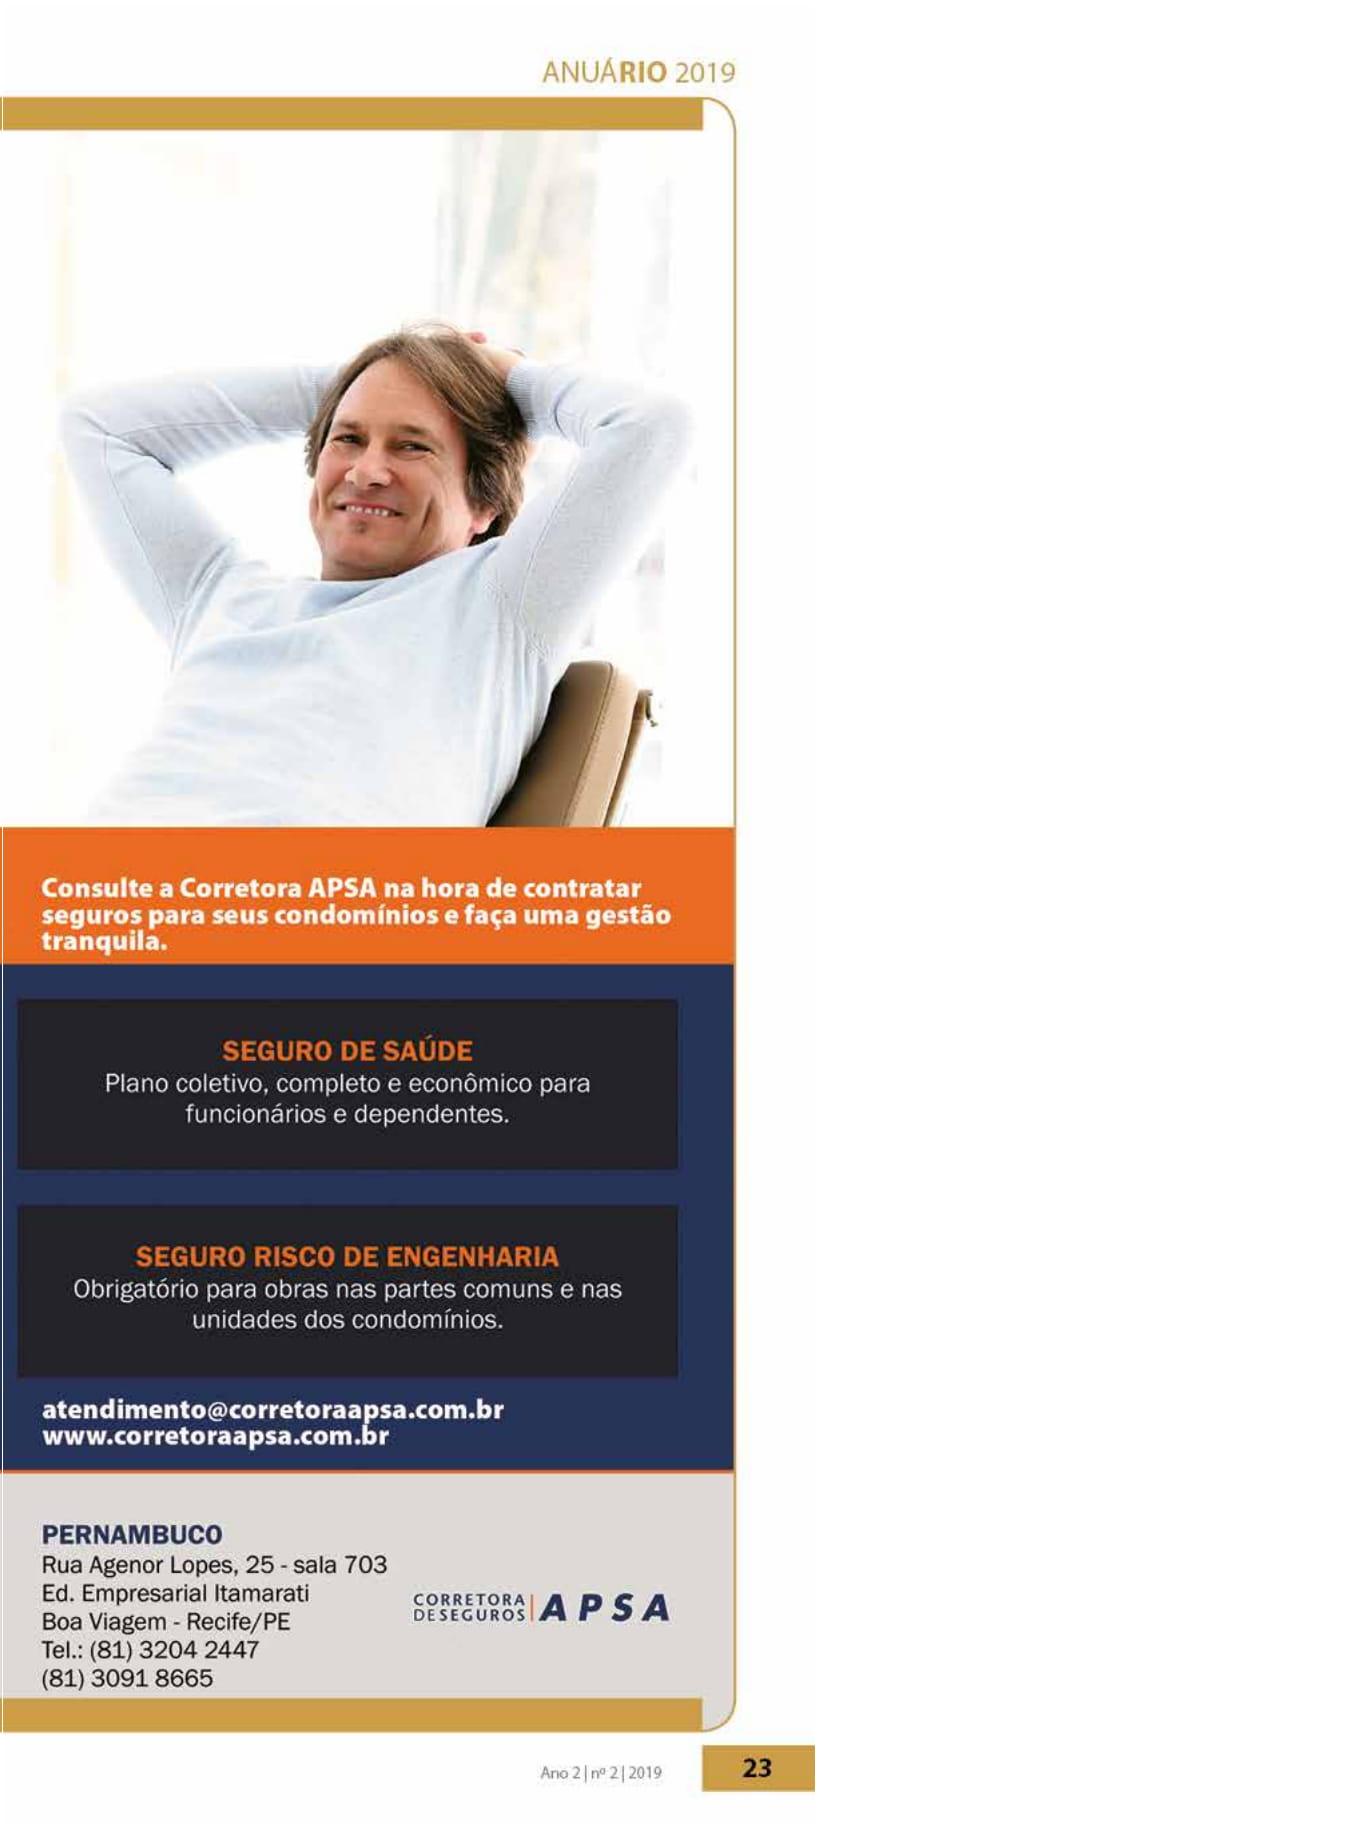 Anuário_web02-21